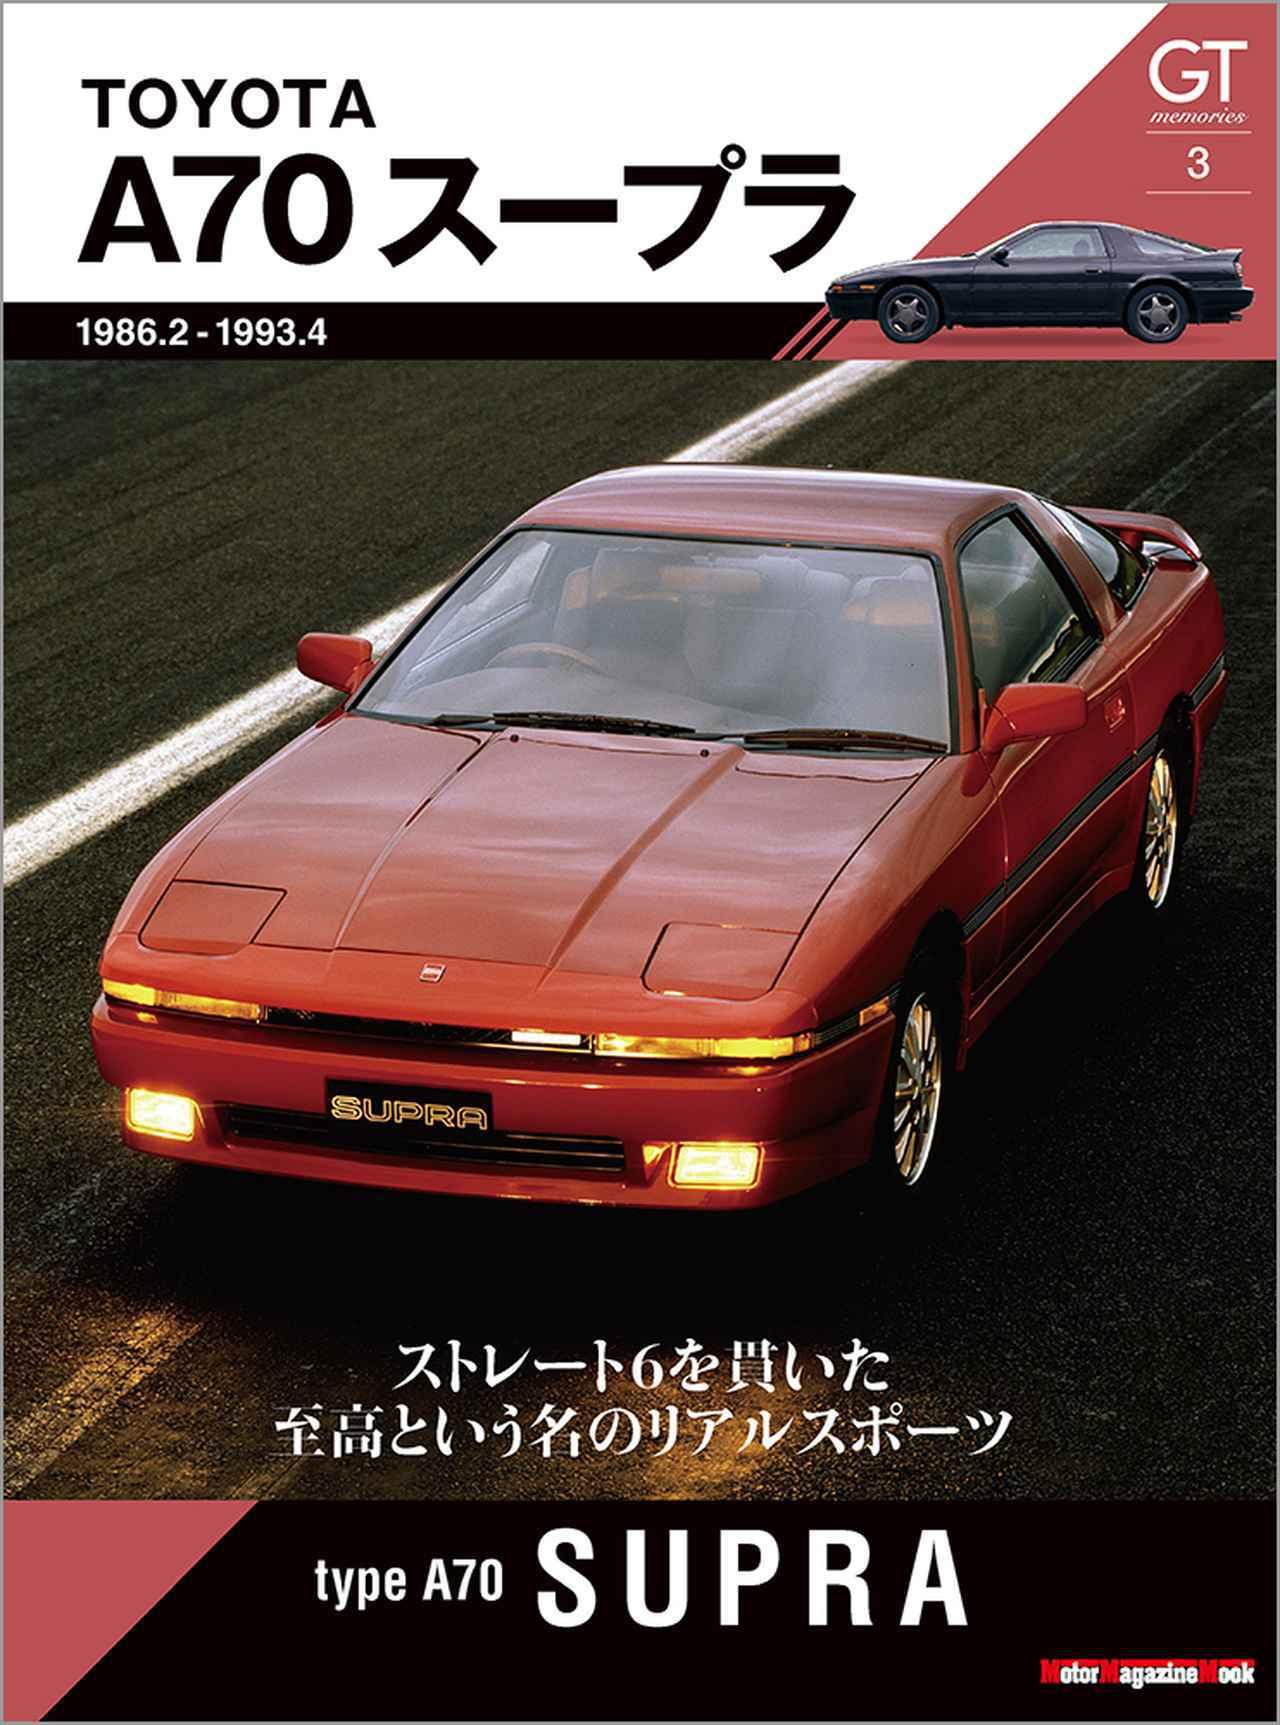 画像: 「GT memories 3 A70 スープラ」は2020年9月29日発売。 - 株式会社モーターマガジン社